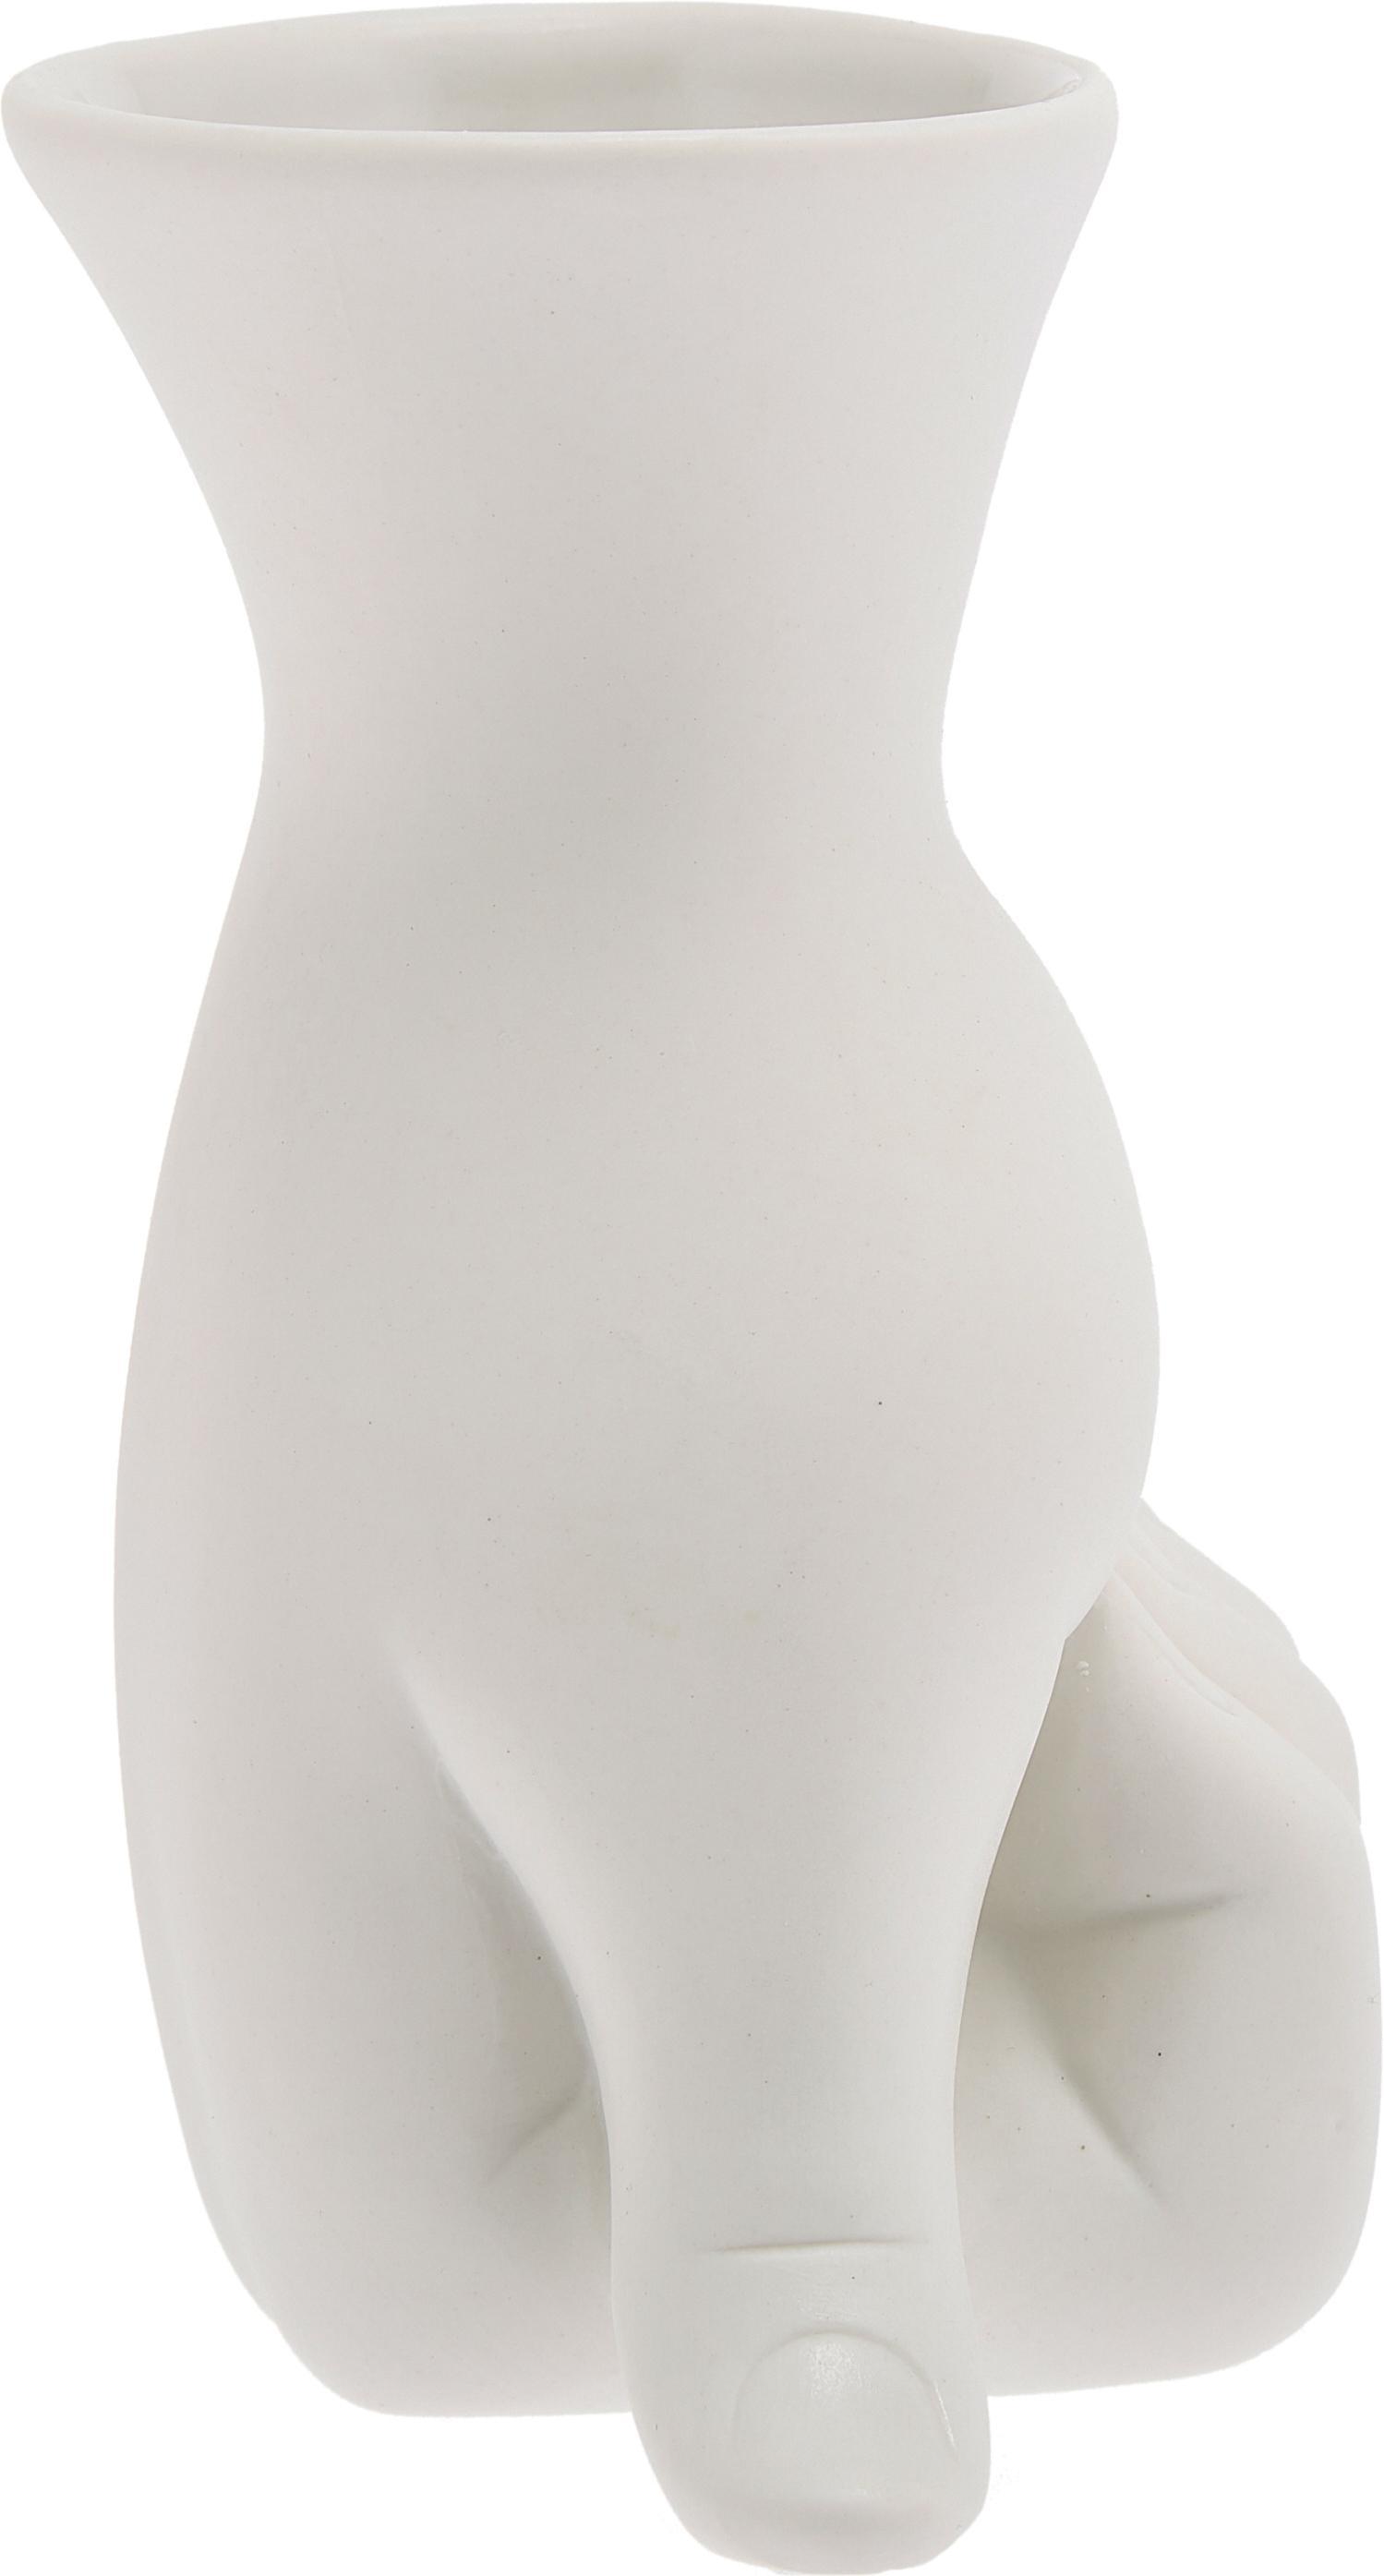 Jarrón de porcelana de diseño Marcel, diseñado por Jonathan Adler, Porcelana, Blanco, An 11 x Al 18 cm